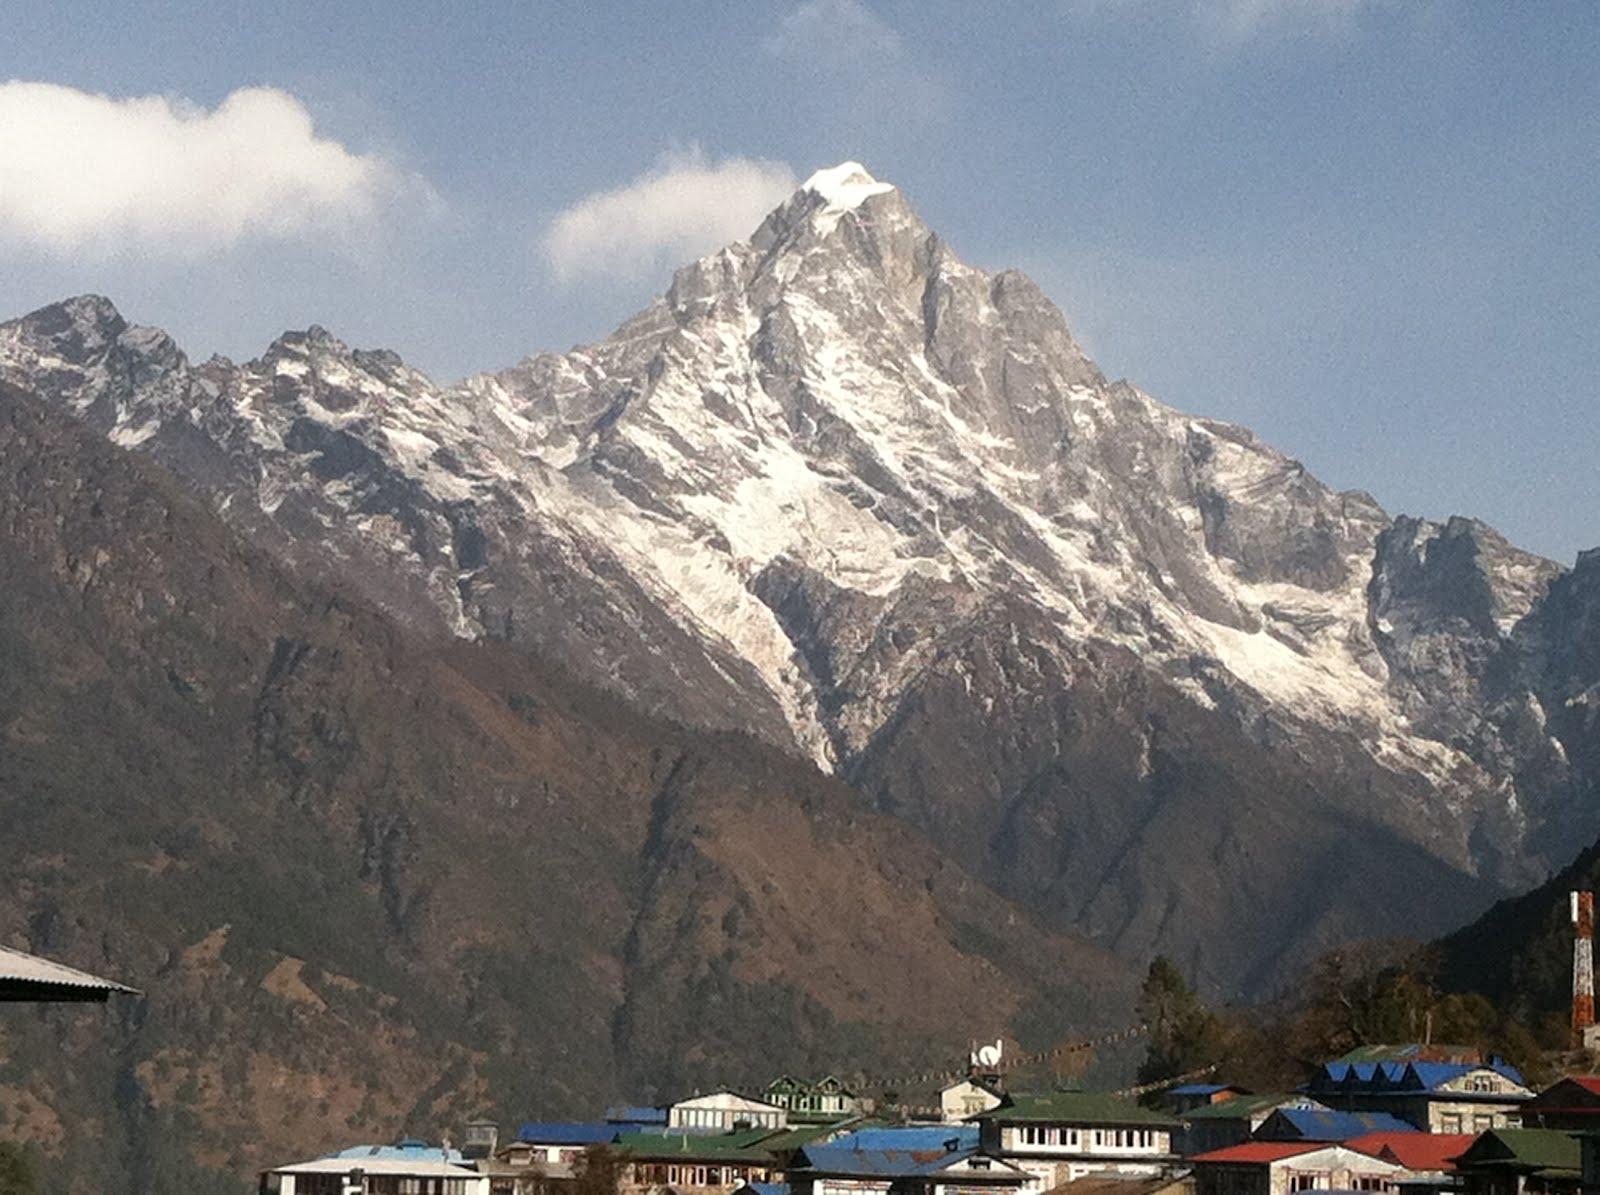 Kathmandu to Lukla Helicopter Tour